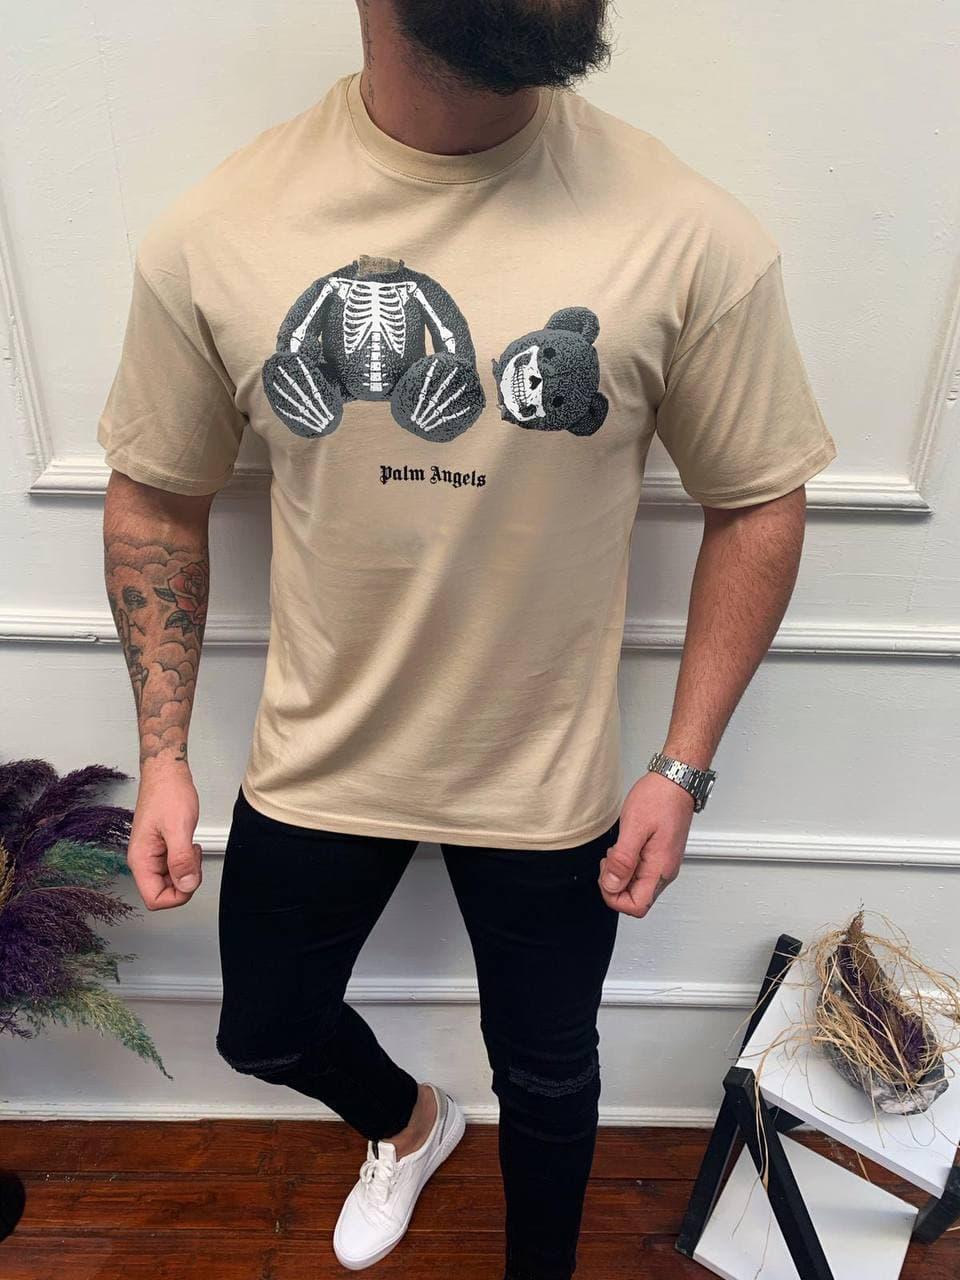 Чоловіча футболка Palm Angels бежева з ведмедем